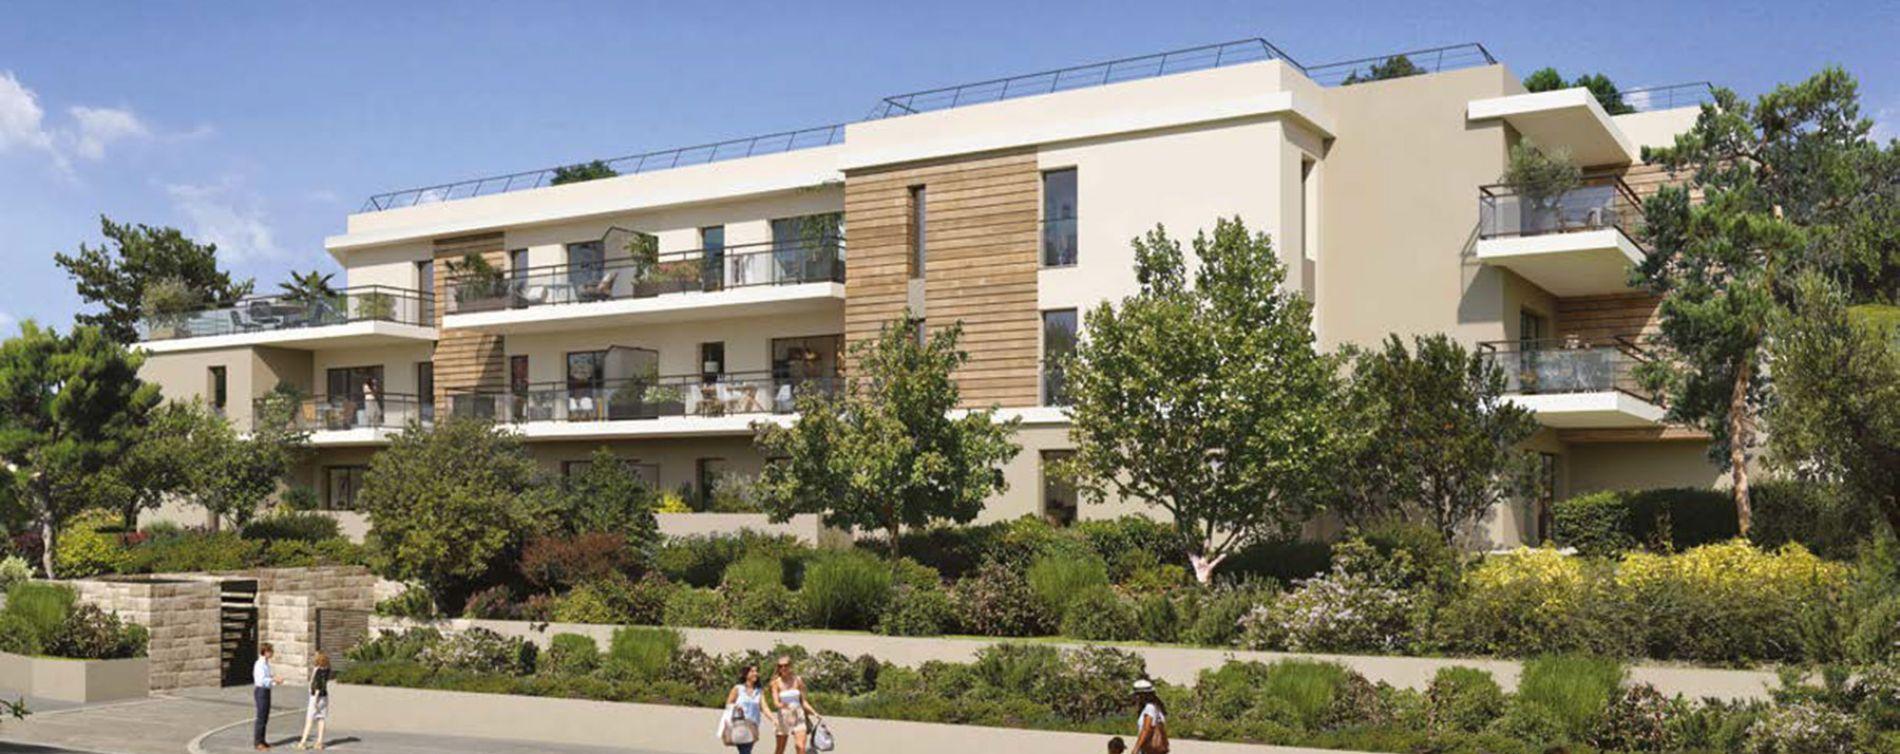 Valbonne : programme immobilier neuve « Programme immobilier n°219097 » en Loi Pinel